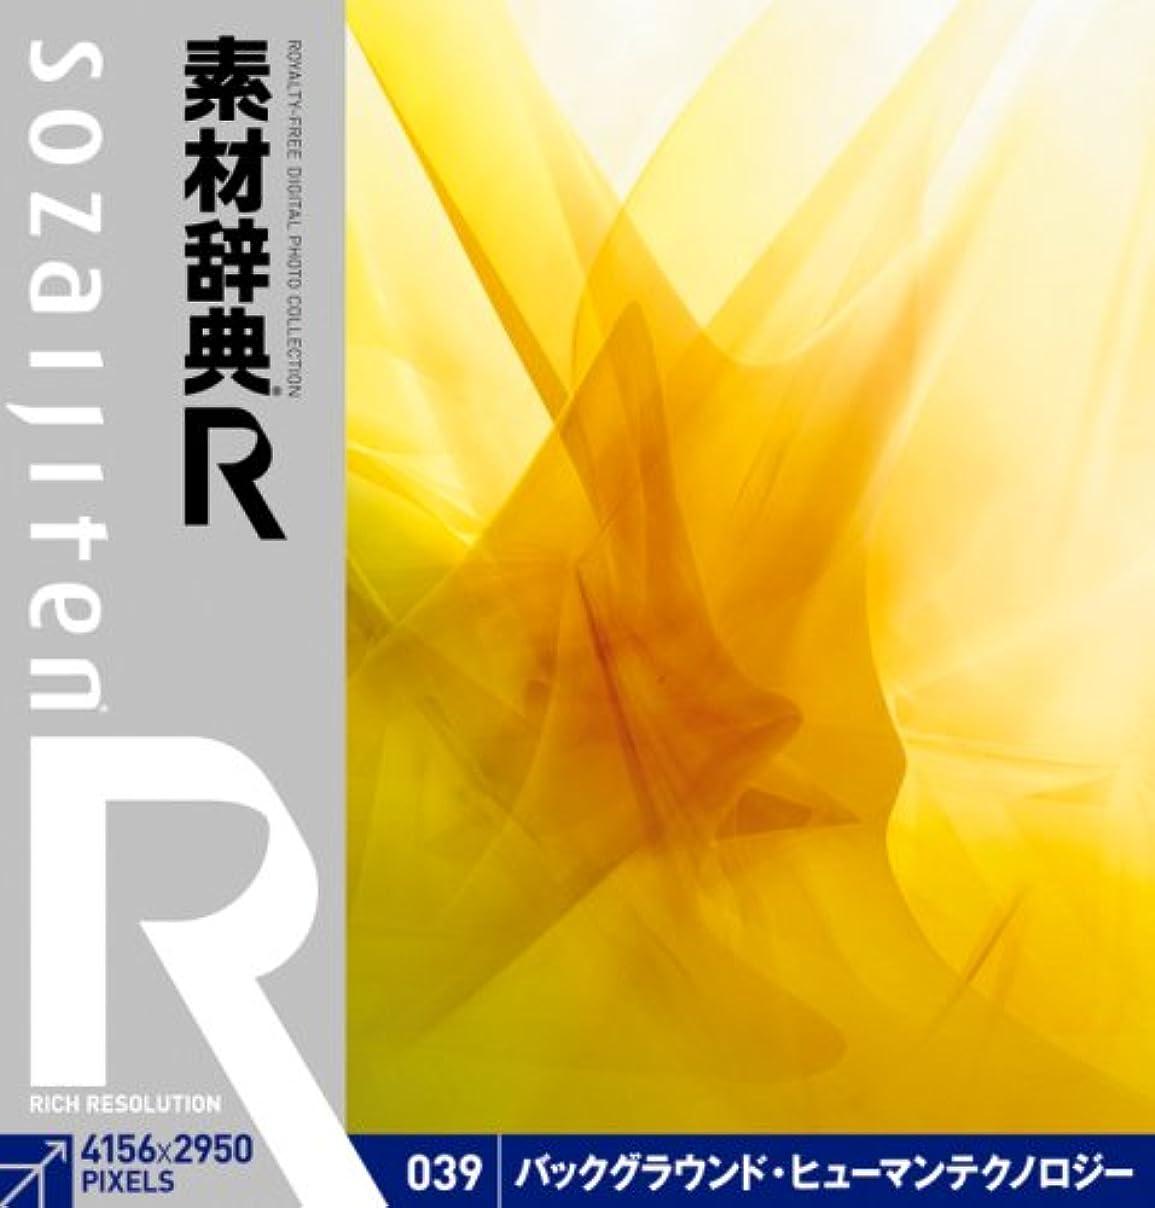 軍艦不愉快偽造素材辞典[R(アール)] 039 バックグラウンド?ヒューマンテクノロジー